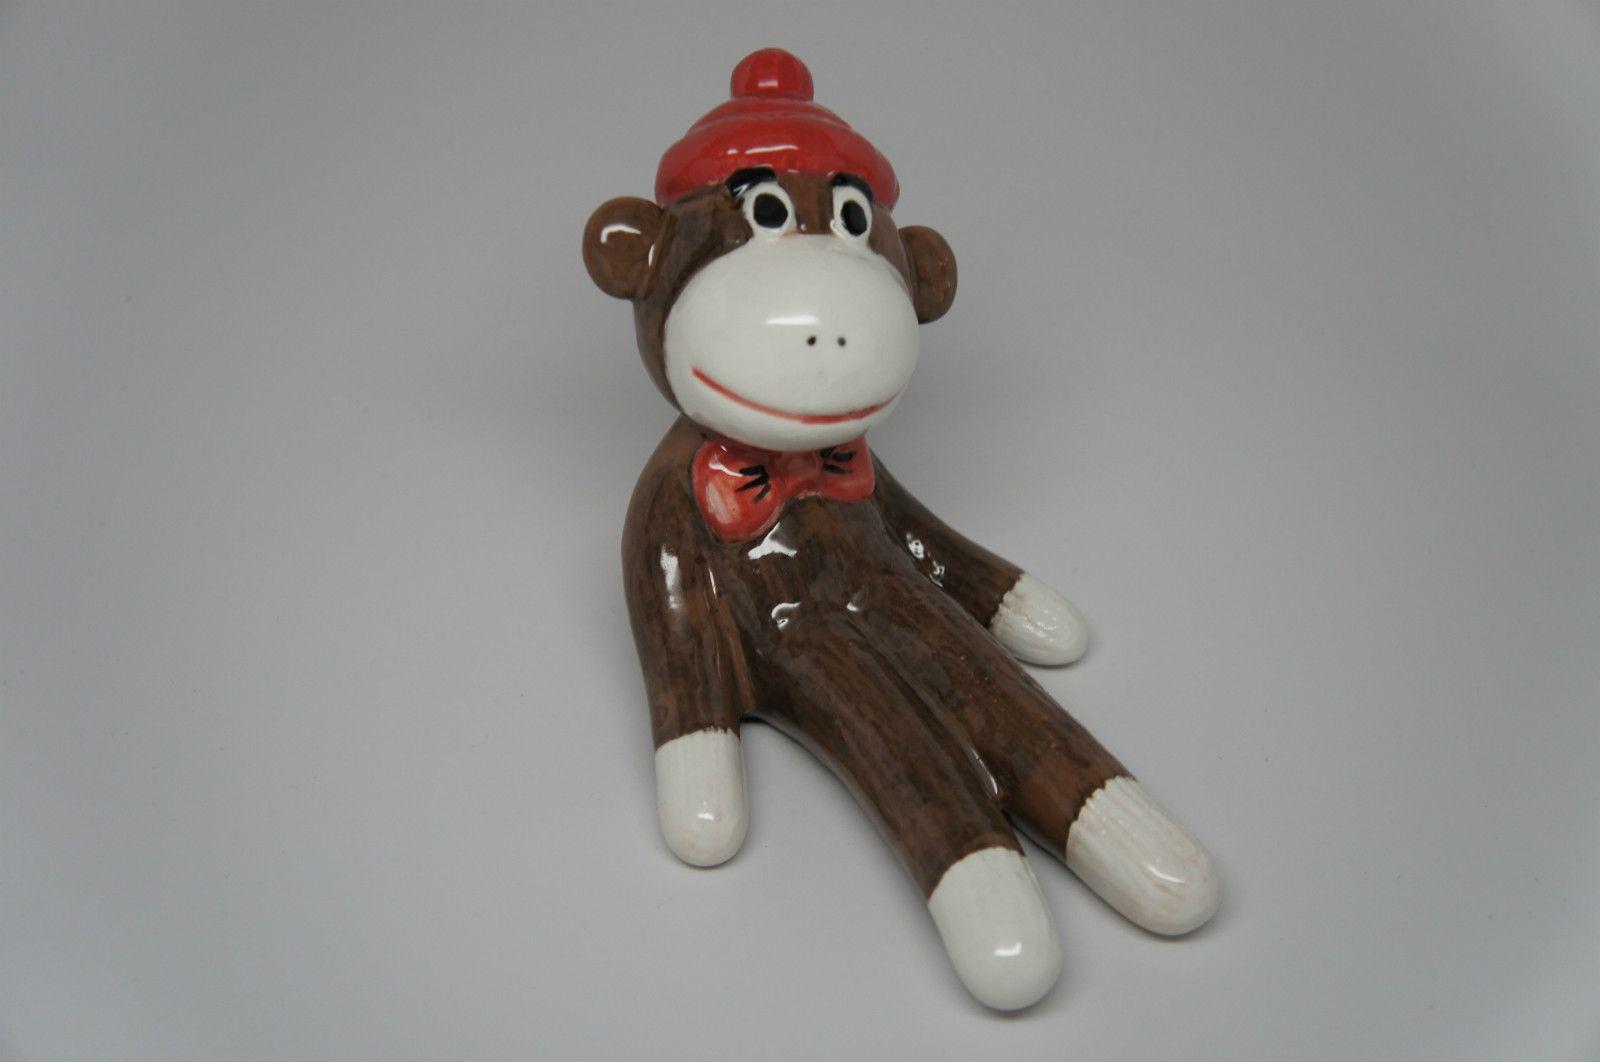 Sock Monkey Handpainted Ceramic Porcelain Pottery   eBay $7.50 ...